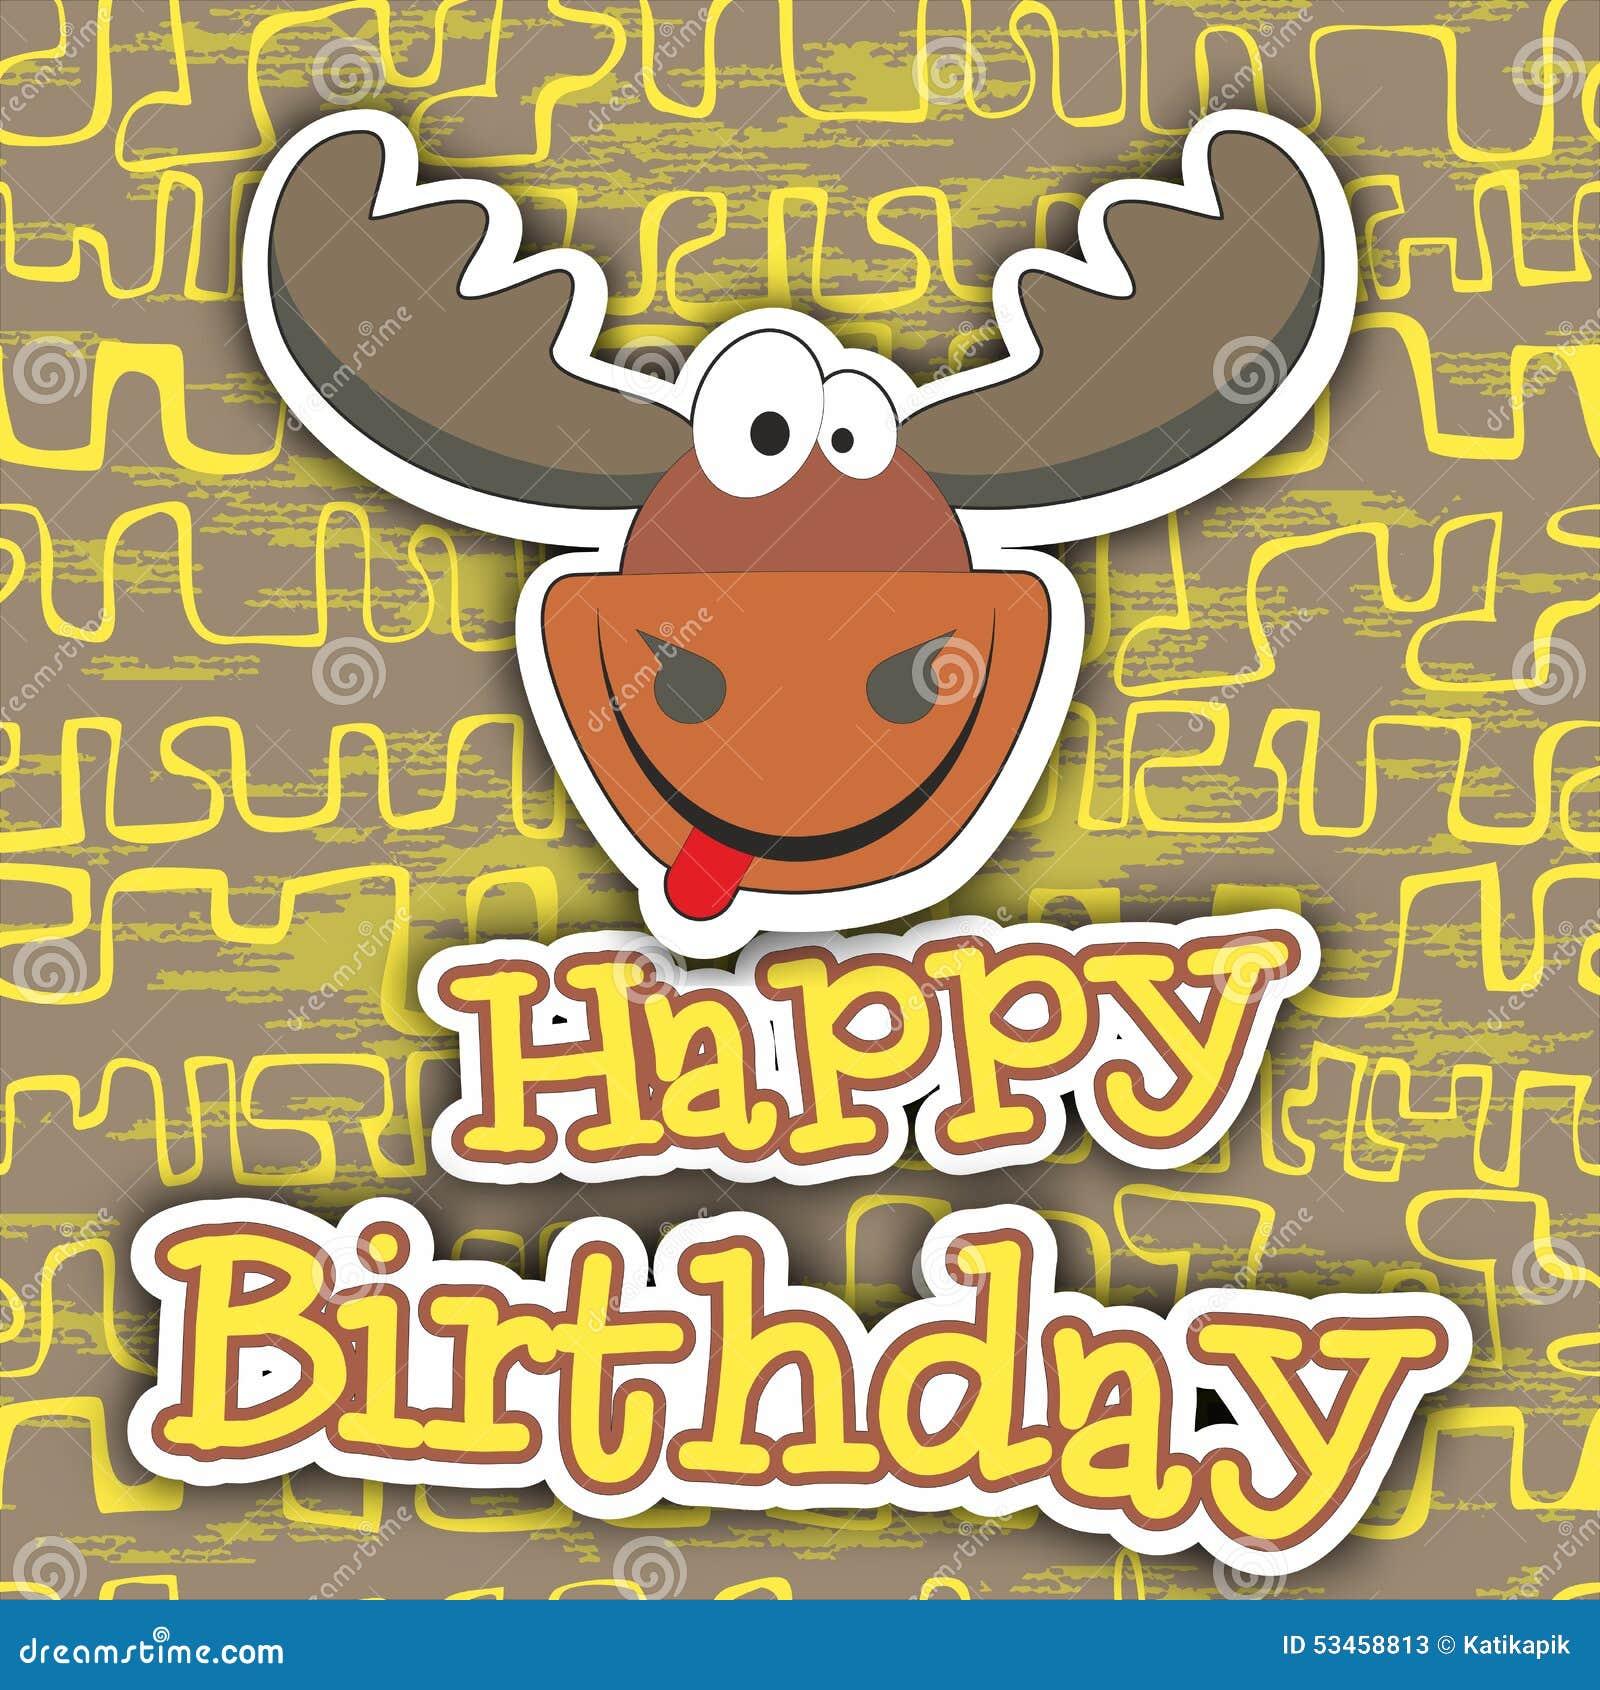 Поздравления с днем рождения прикольные за лося